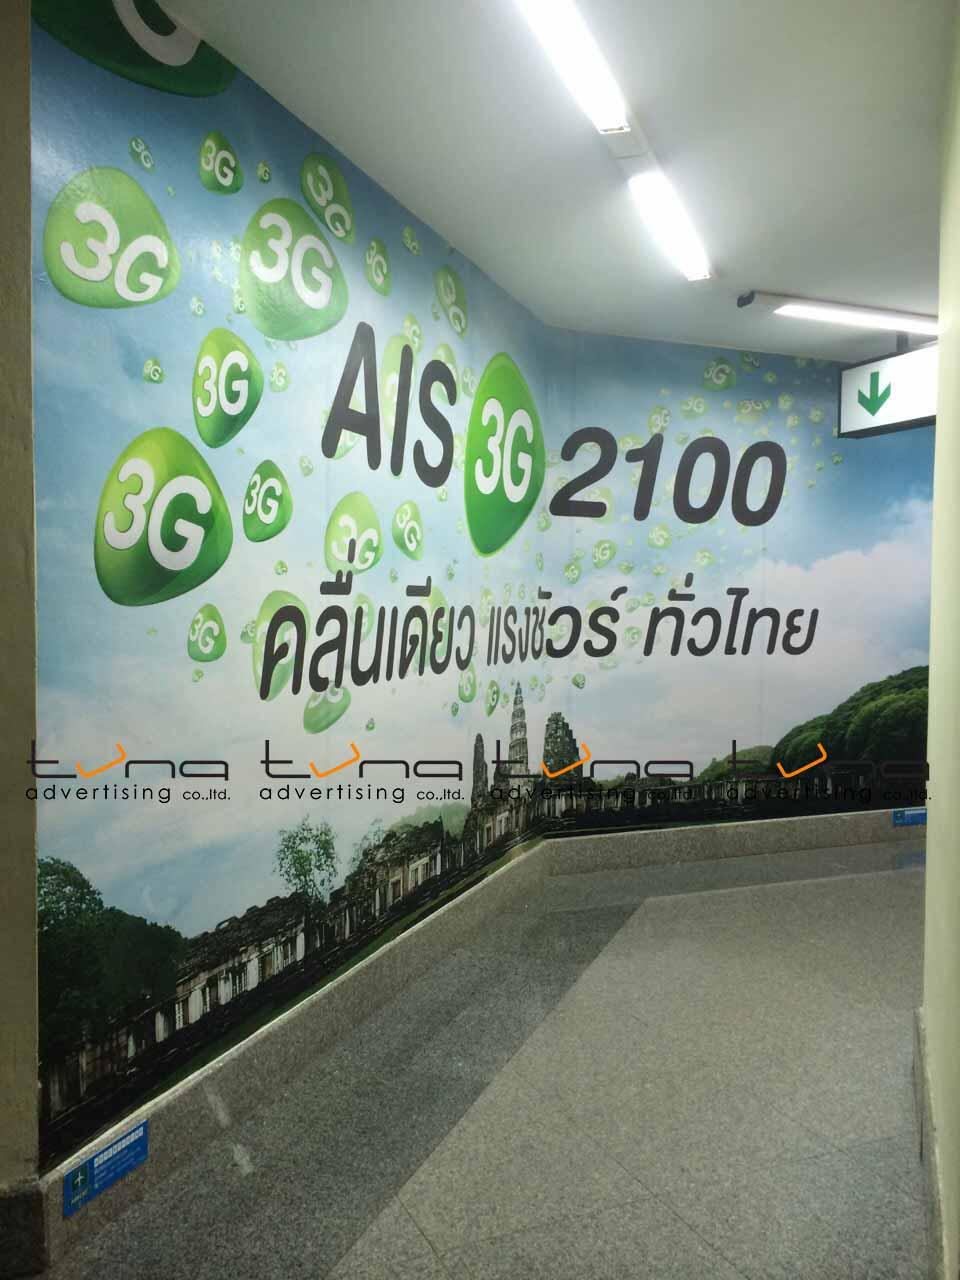 ais-3g 2100 – 01